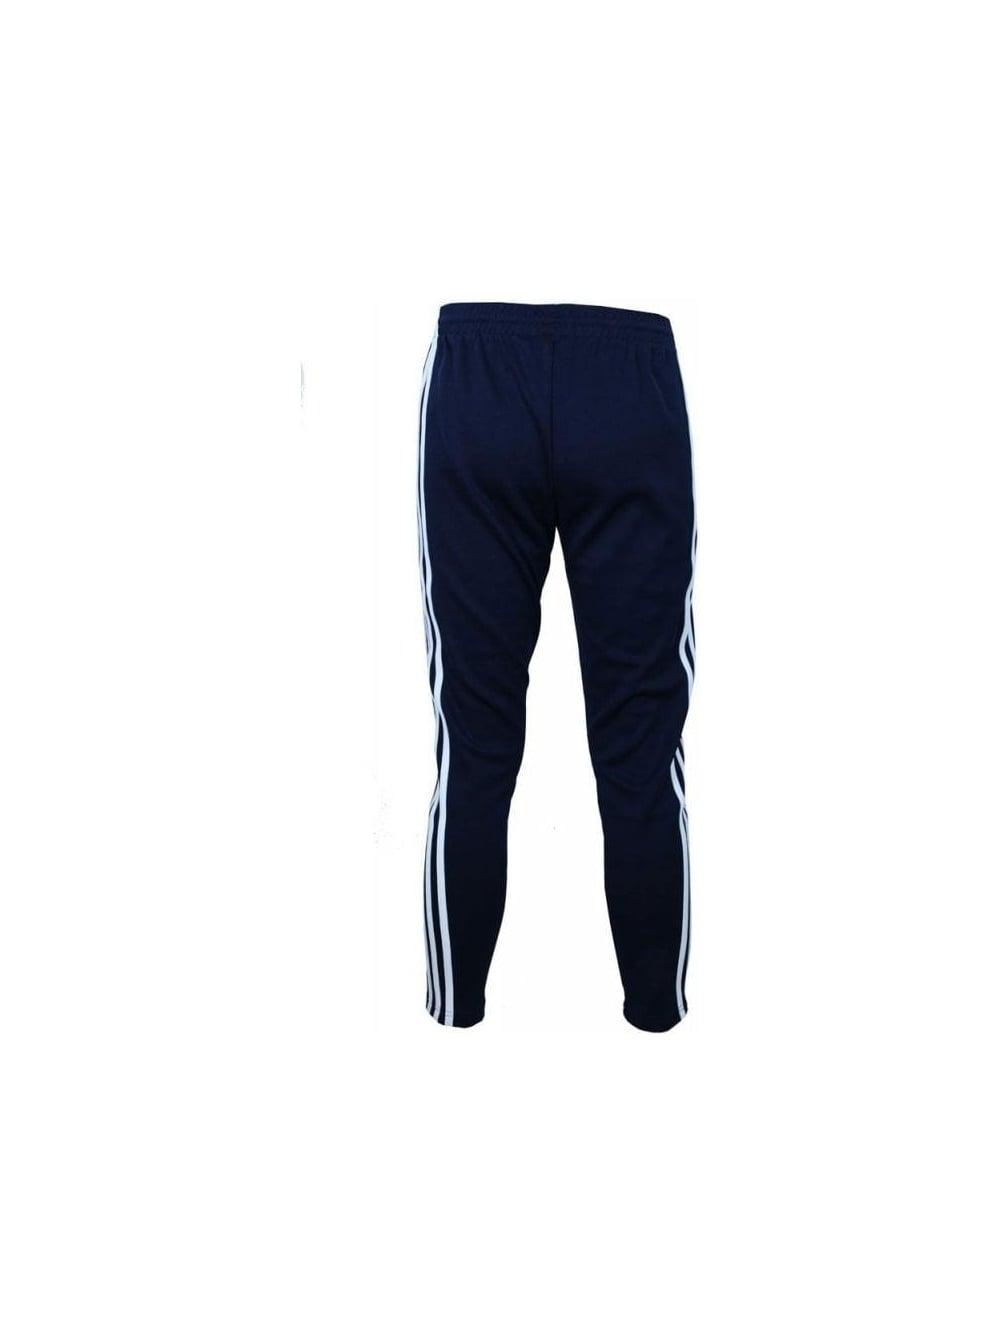 e3601f8a adidas Originals Open Hem SST Track Pants - Navy